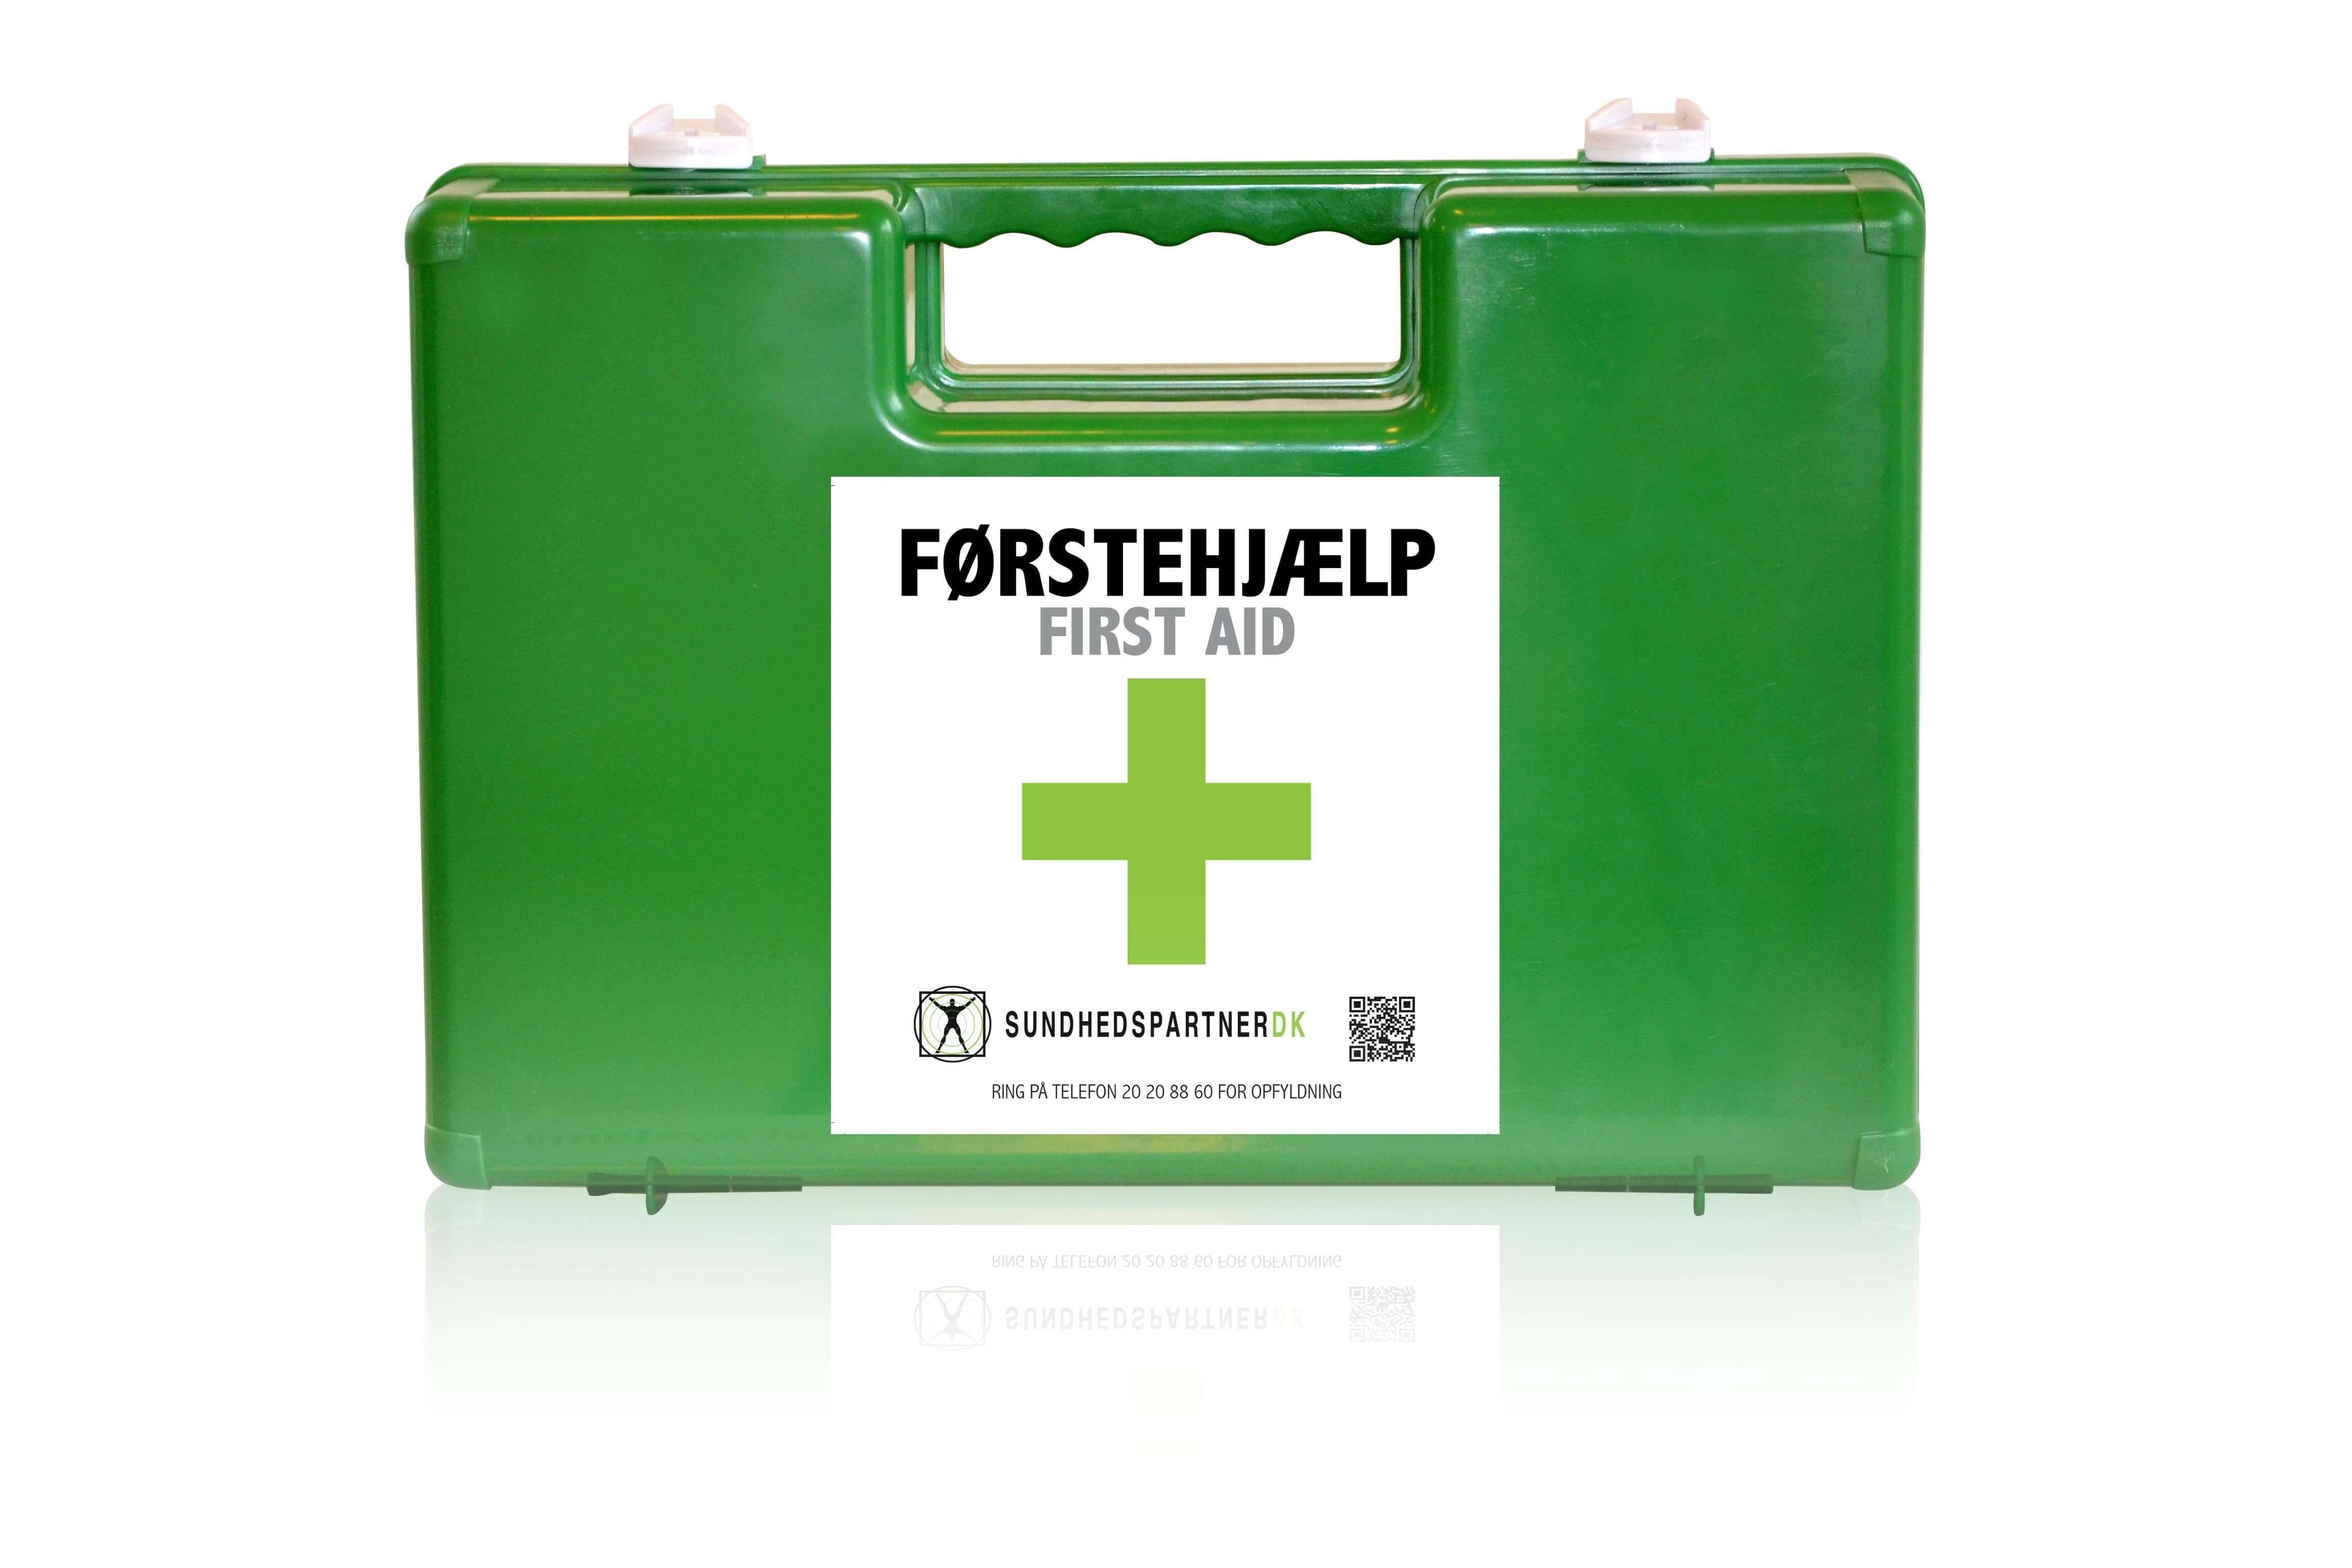 Hvor køber man en førstehjælpskasse?